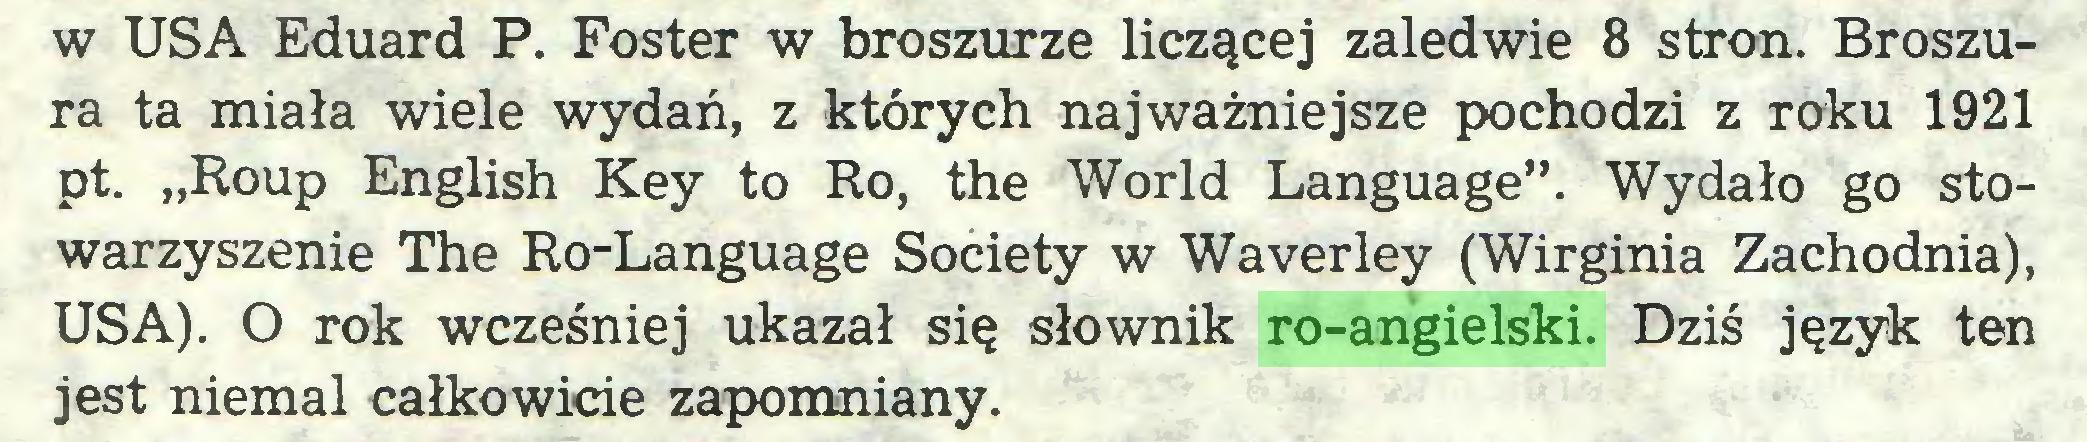 """(...) w USA Eduard P. Foster w broszurze liczącej zaledwie 8 stron. Broszura ta miała wiele wydań, z których najważniejsze pochodzi z roku 1921 pt. """"Roup English Key to Ro, the World Language"""". Wydało go stowarzyszenie The Ro-Language Society w Waverley (Wirginia Zachodnia), USA). O rok wcześniej ukazał się słownik ro-angielski. Dziś język ten jest niemal całkowicie zapomniany..."""